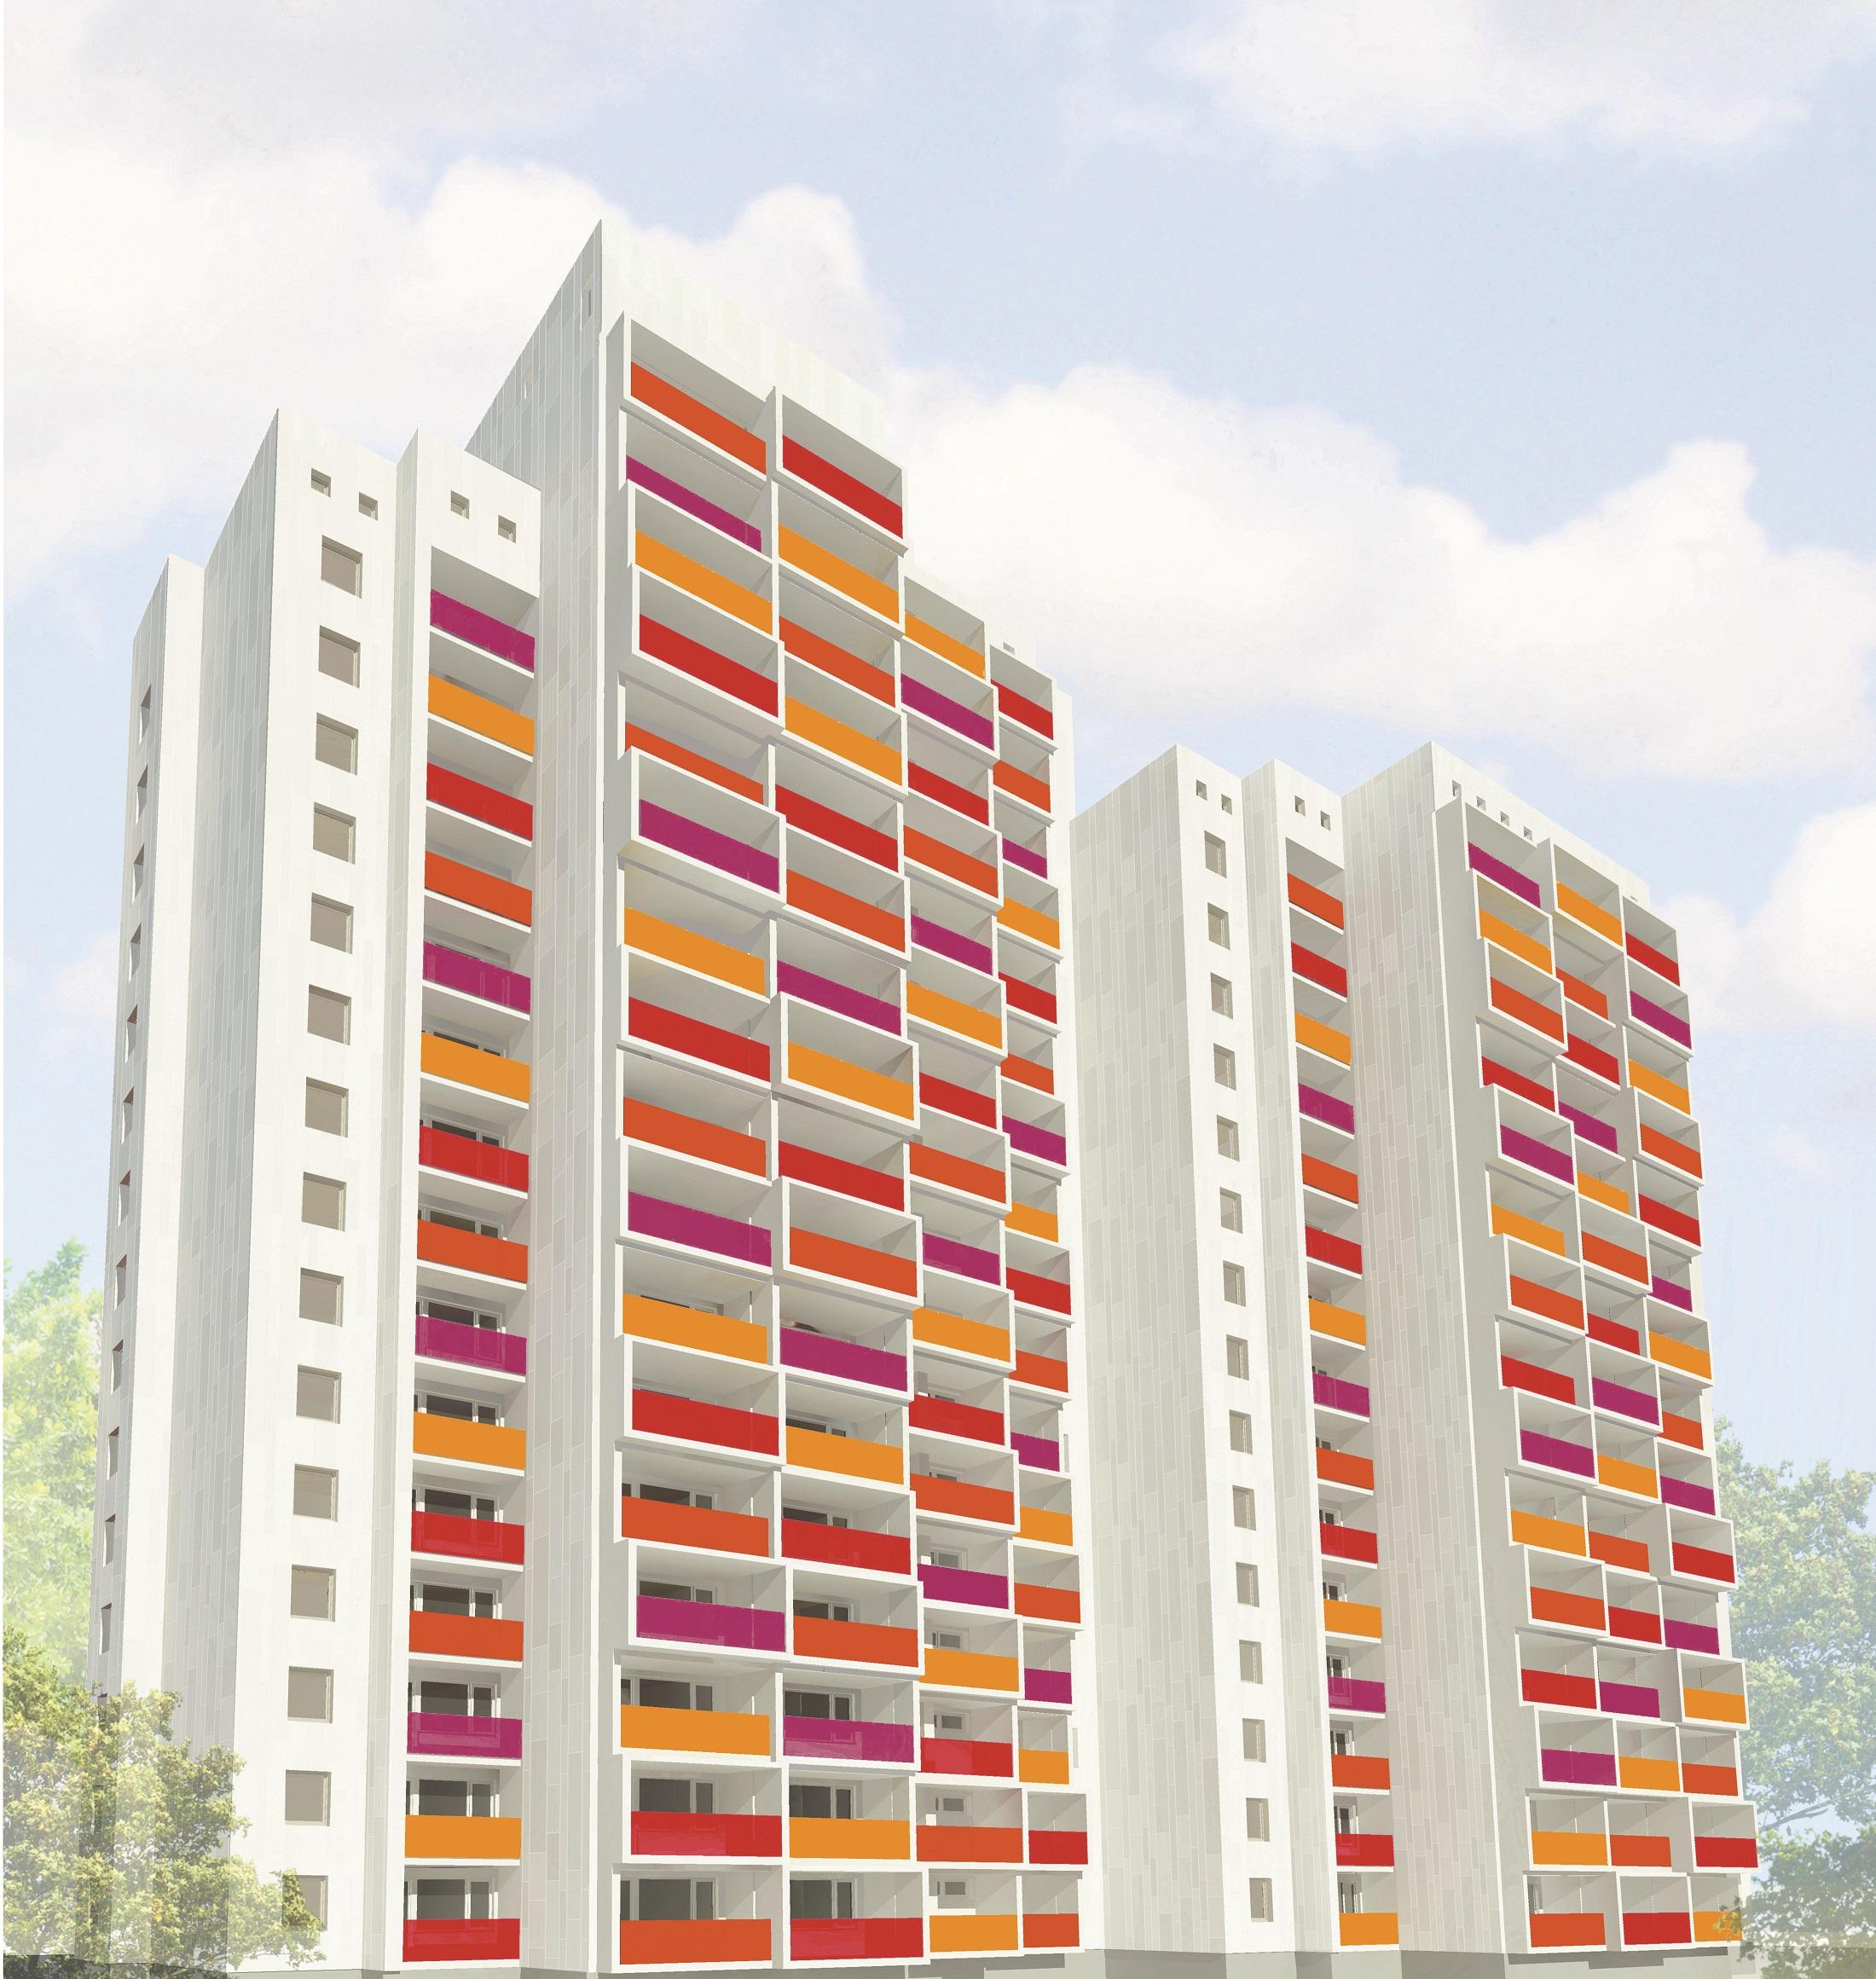 Fröhliche Balkonfarben für das markante Hochhaus am Osdorfer Born